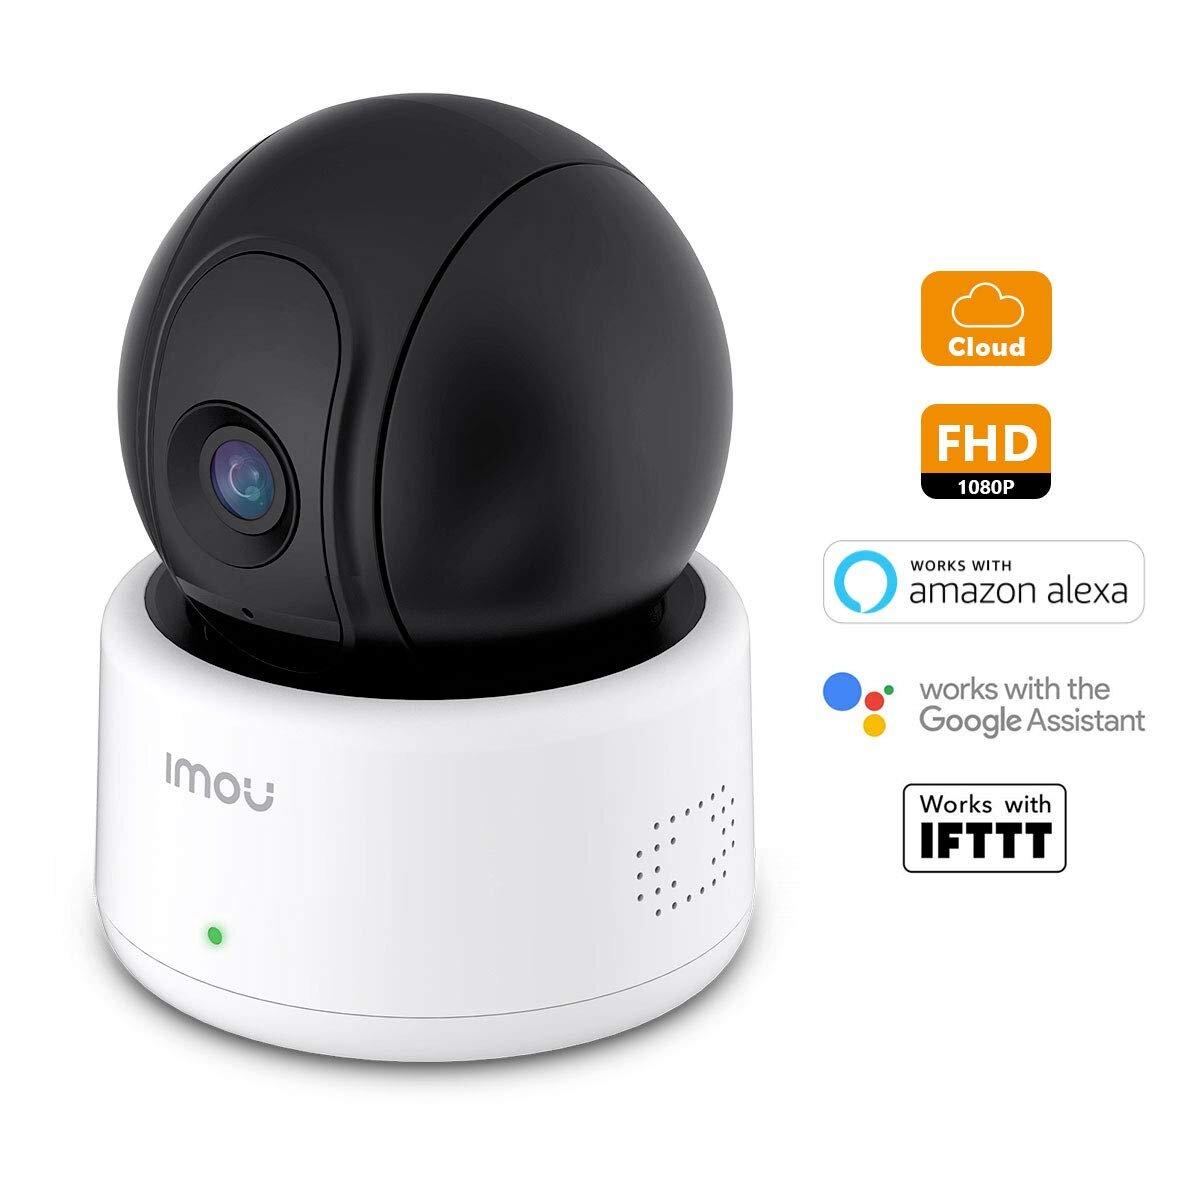 IMOU RANGER 1080P 3.6mm Pan/Tilt IP Camera with 10m IR